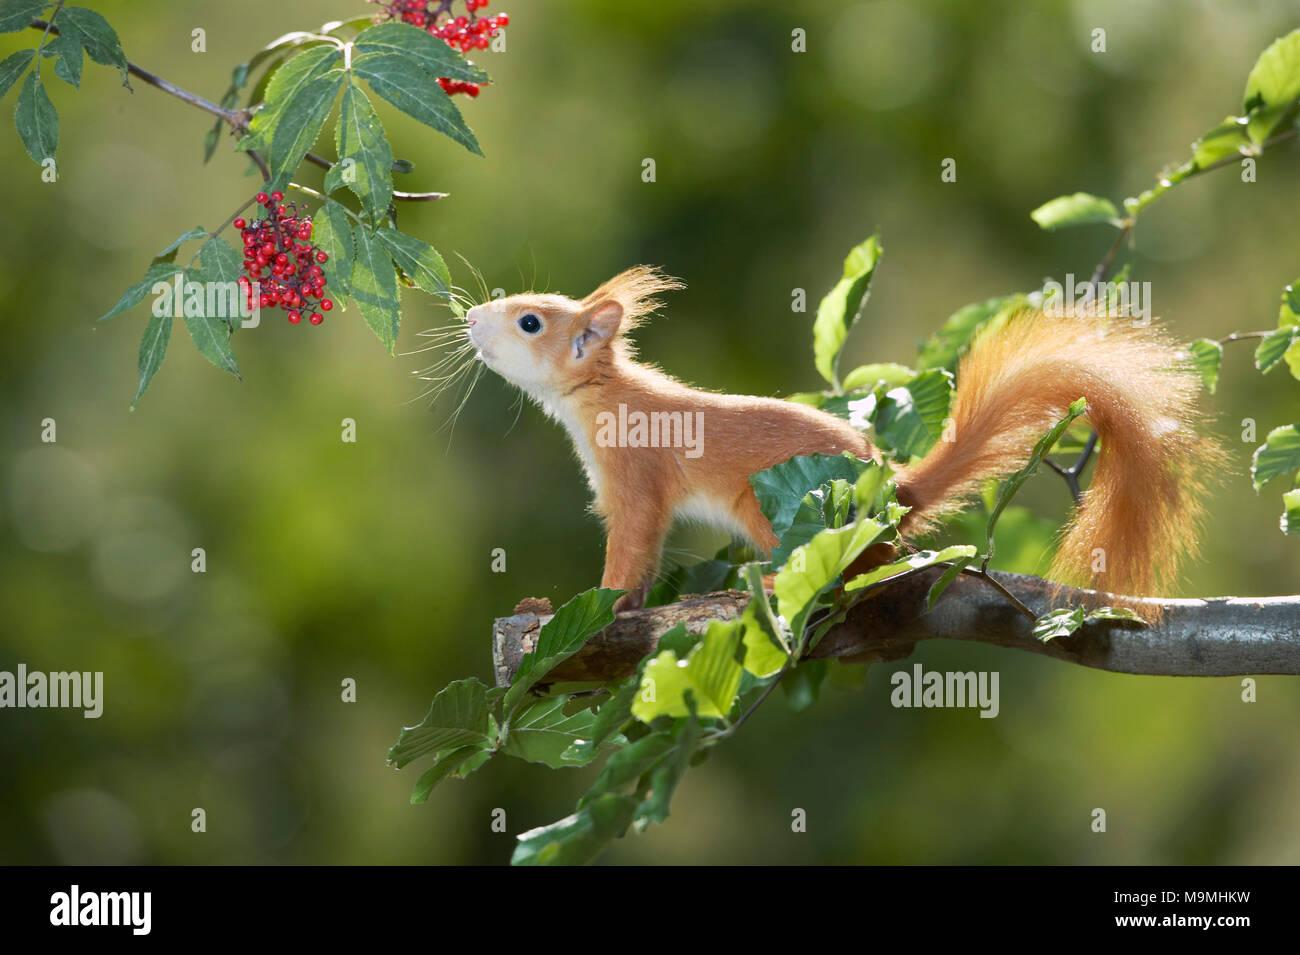 Unión ardilla roja (Sciurus vulgaris) que se extiende a lo largo de bayas rojas. Alemania Imagen De Stock